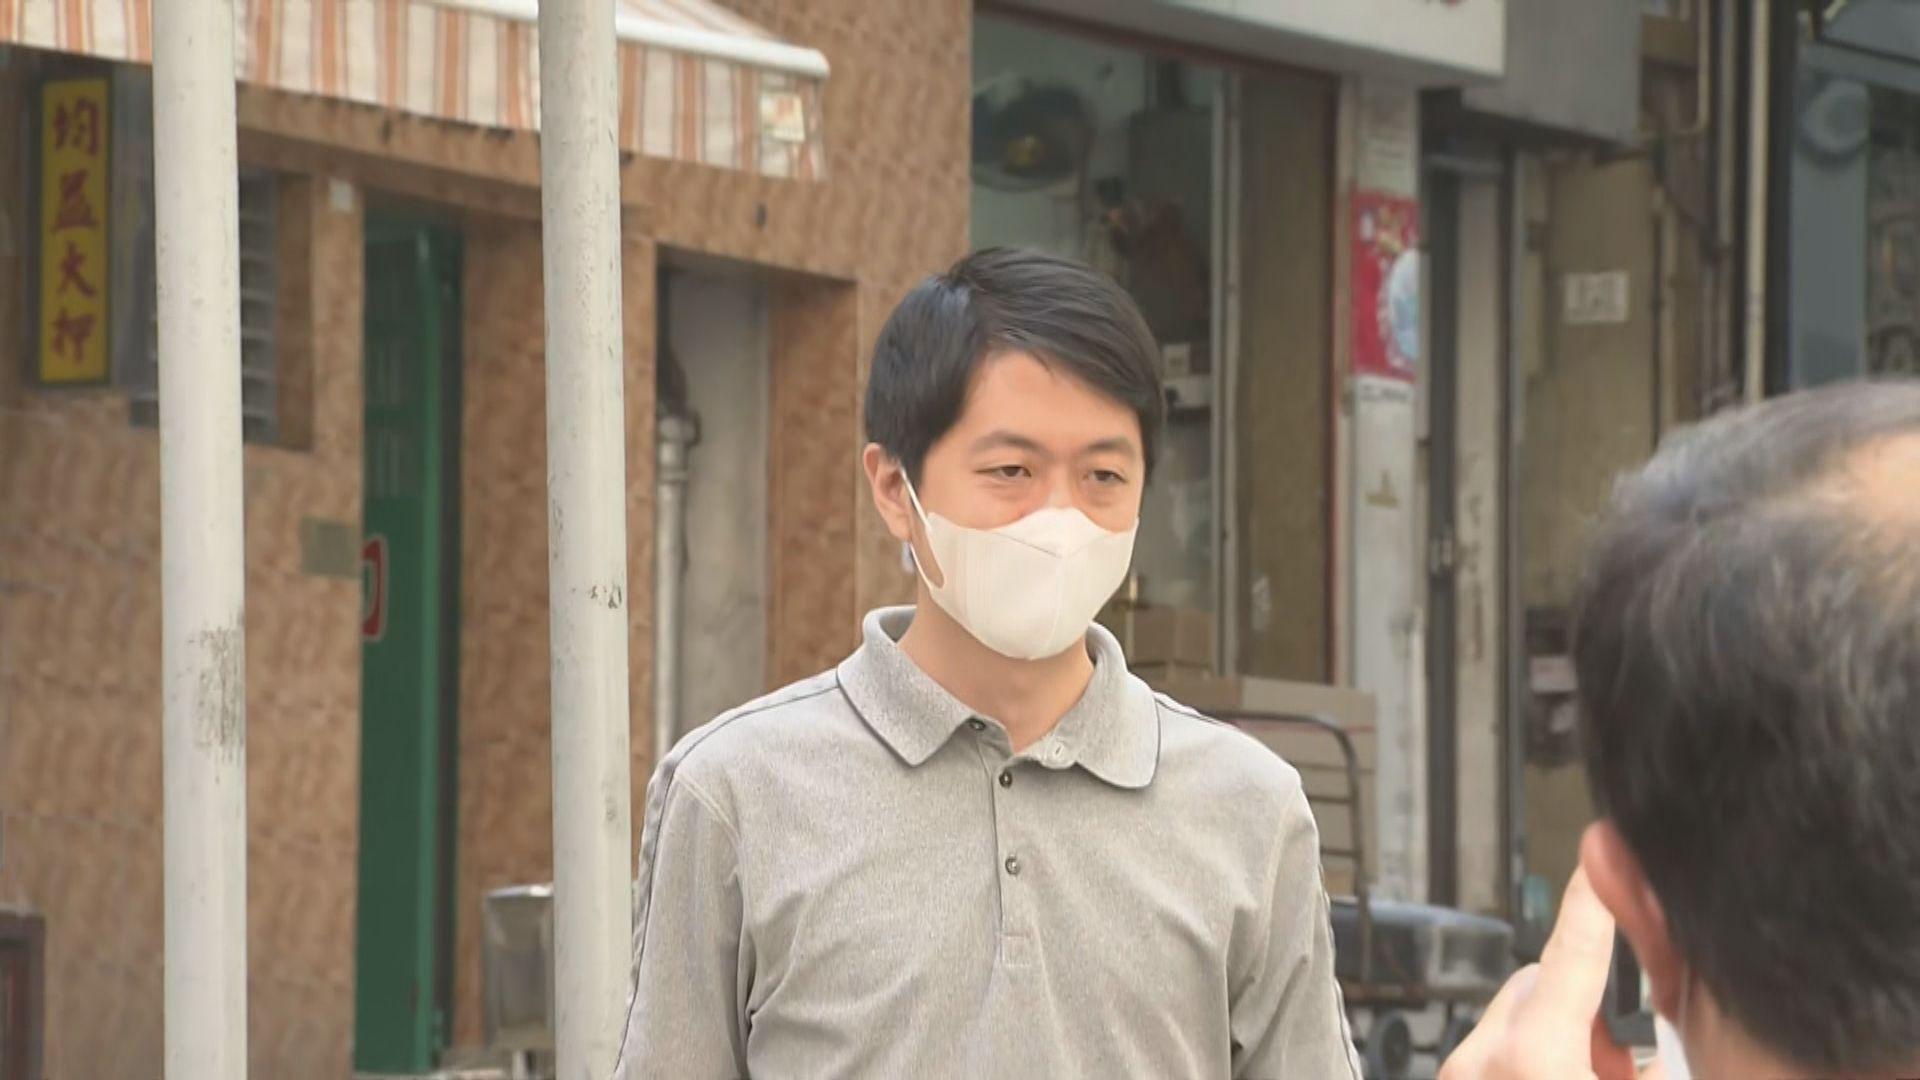 許智峯被捕 涉5月內會上違特權法